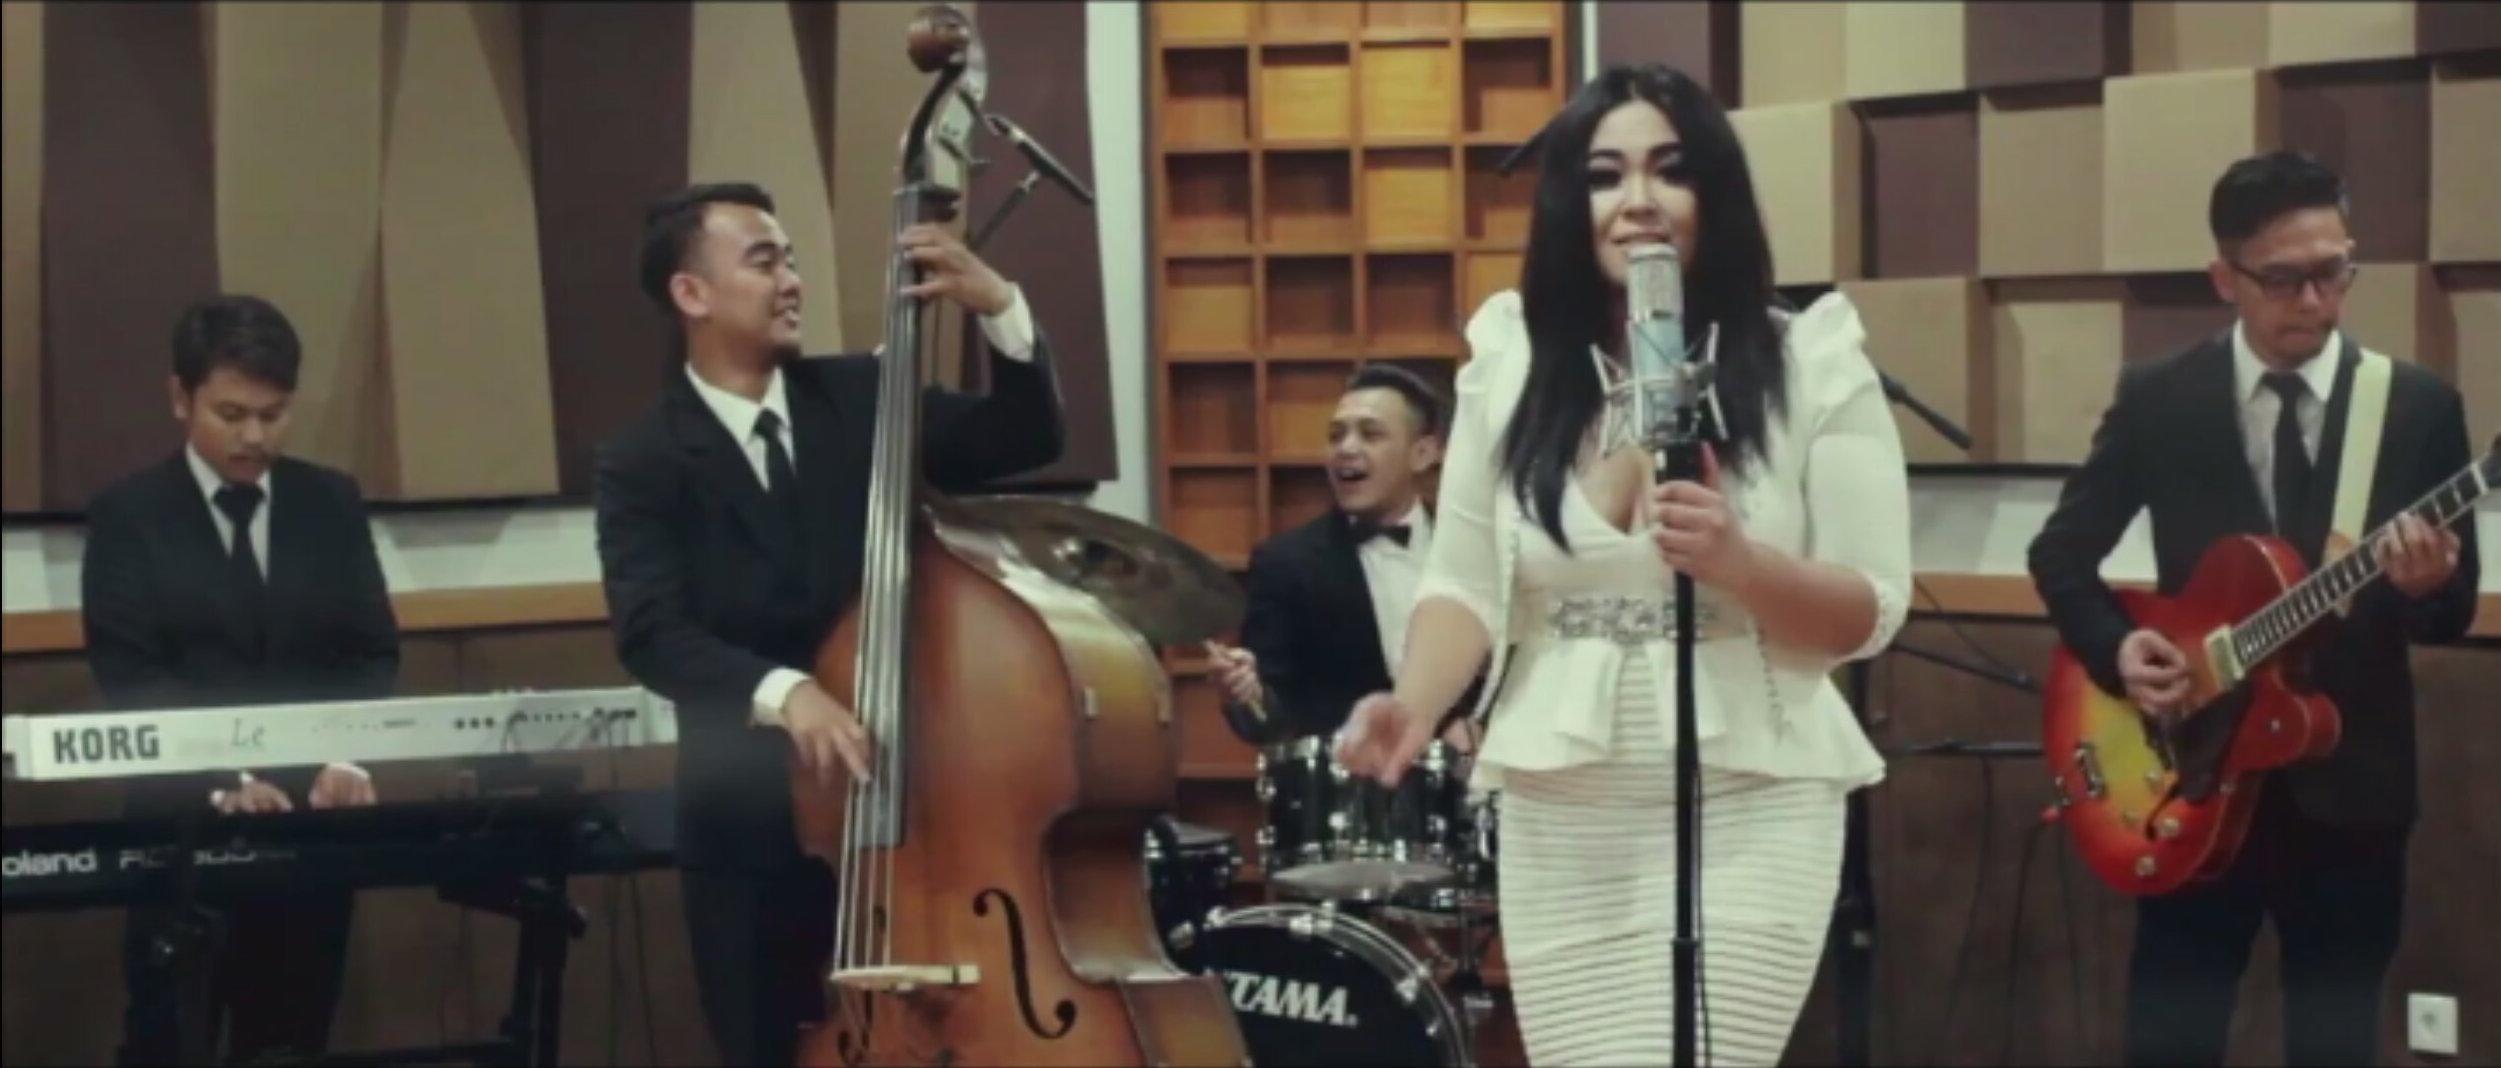 Bali Jazz band, Bali band, Bali Top 40's band